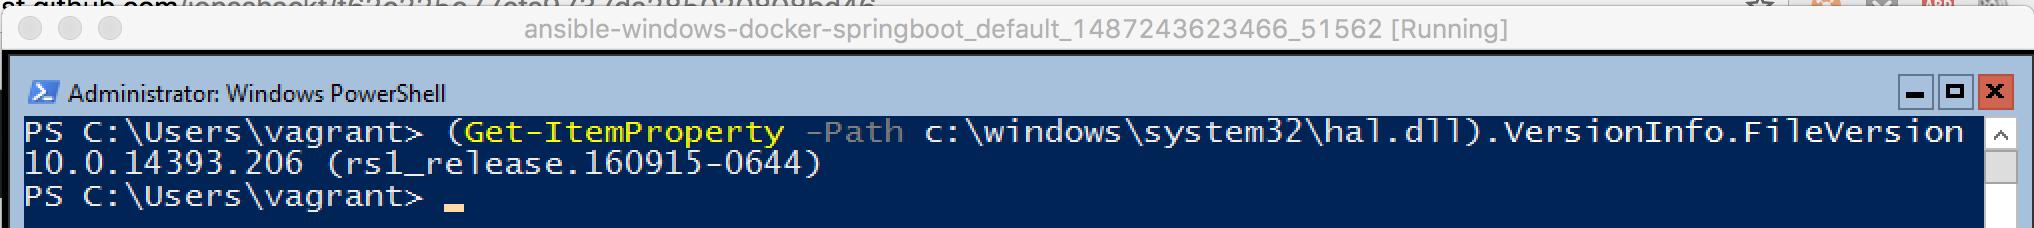 Windows_build_number_Docker_working